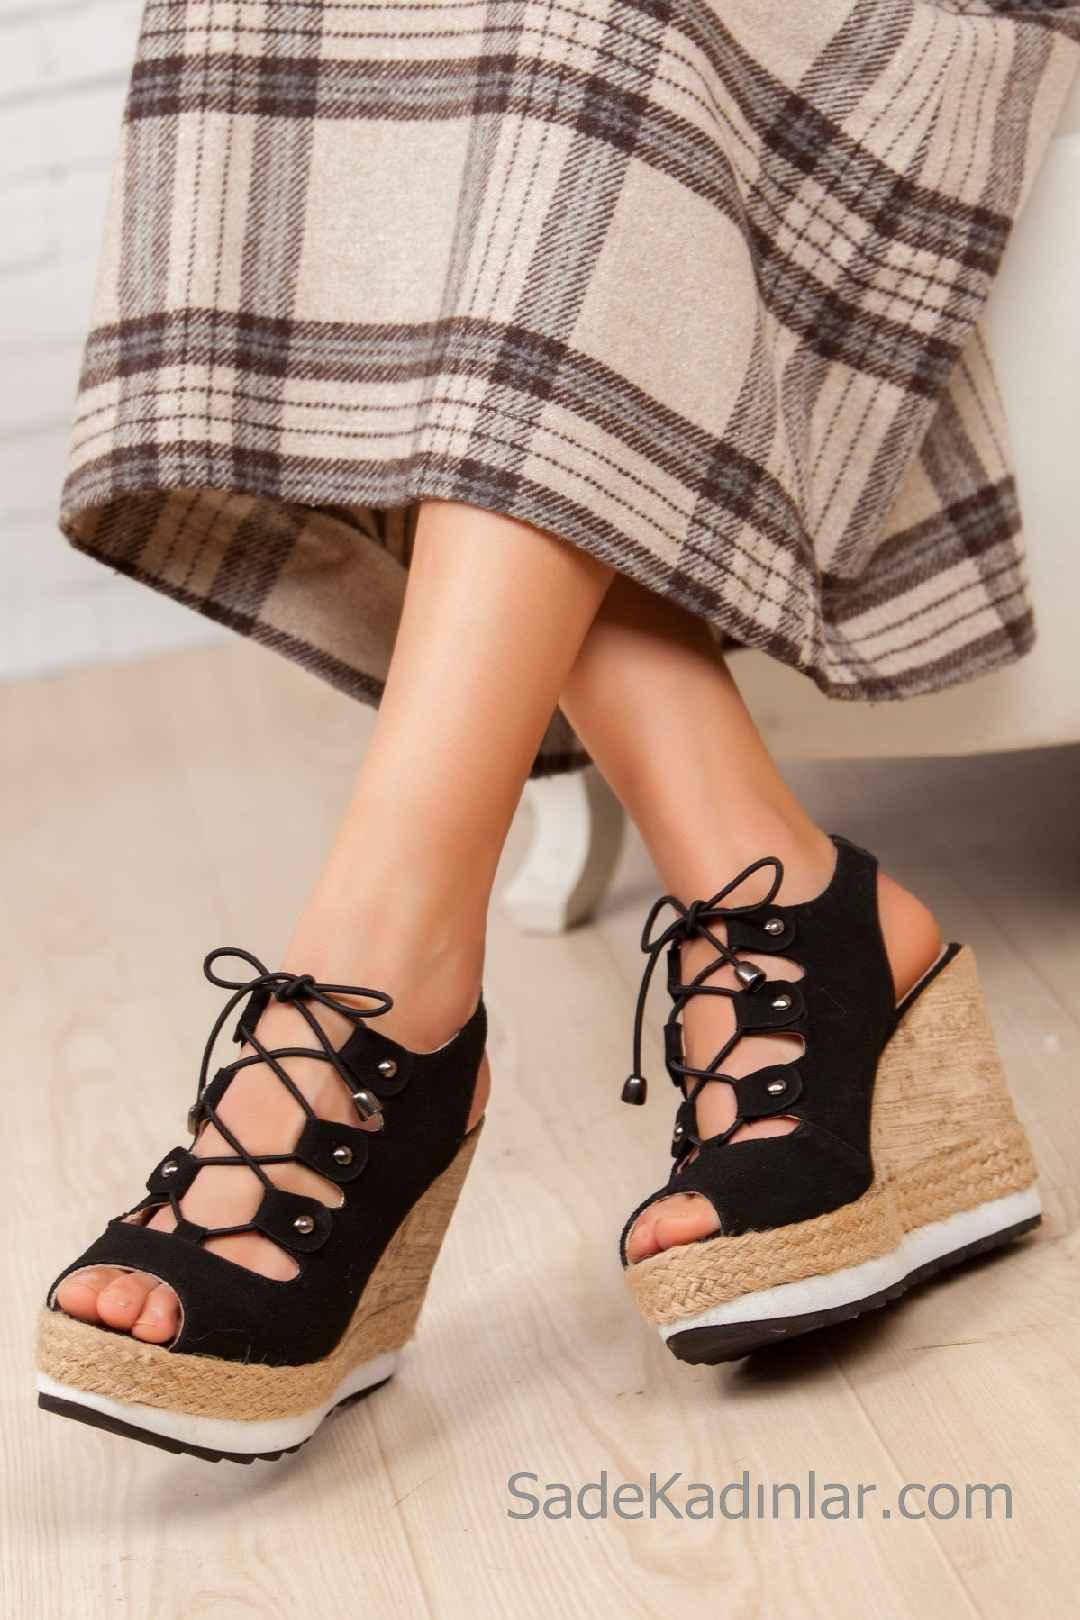 2019 – 2019 Sonbahar Modası 8 Kısa Topuklu Ayakkabı Modeli